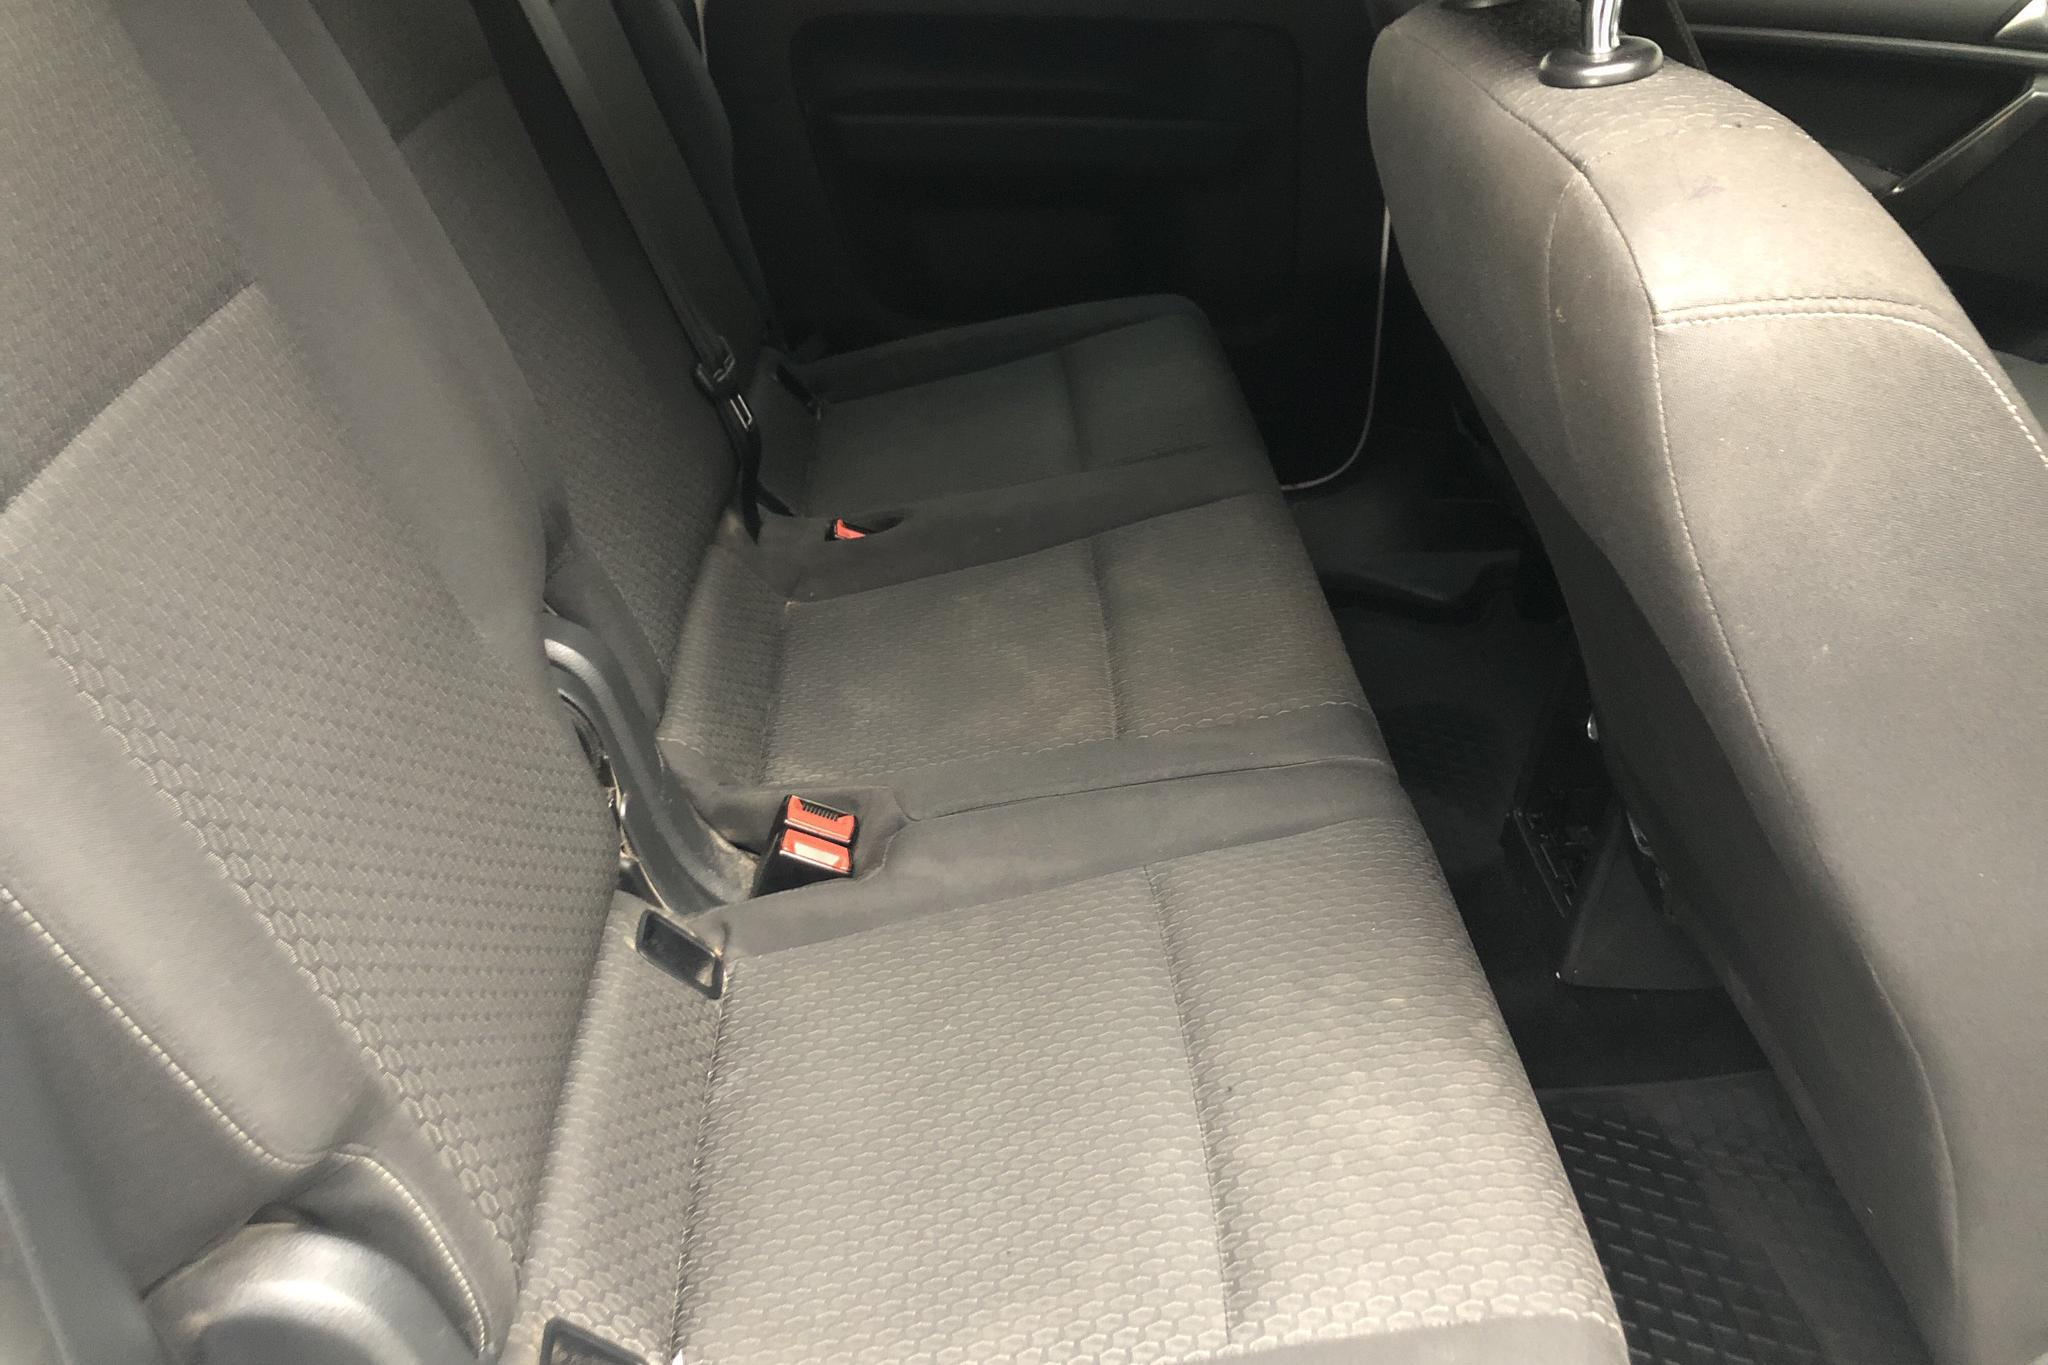 VW Caddy MPV Maxi 1.4 TGI (110hk) - 70 540 km - Manual - white - 2017